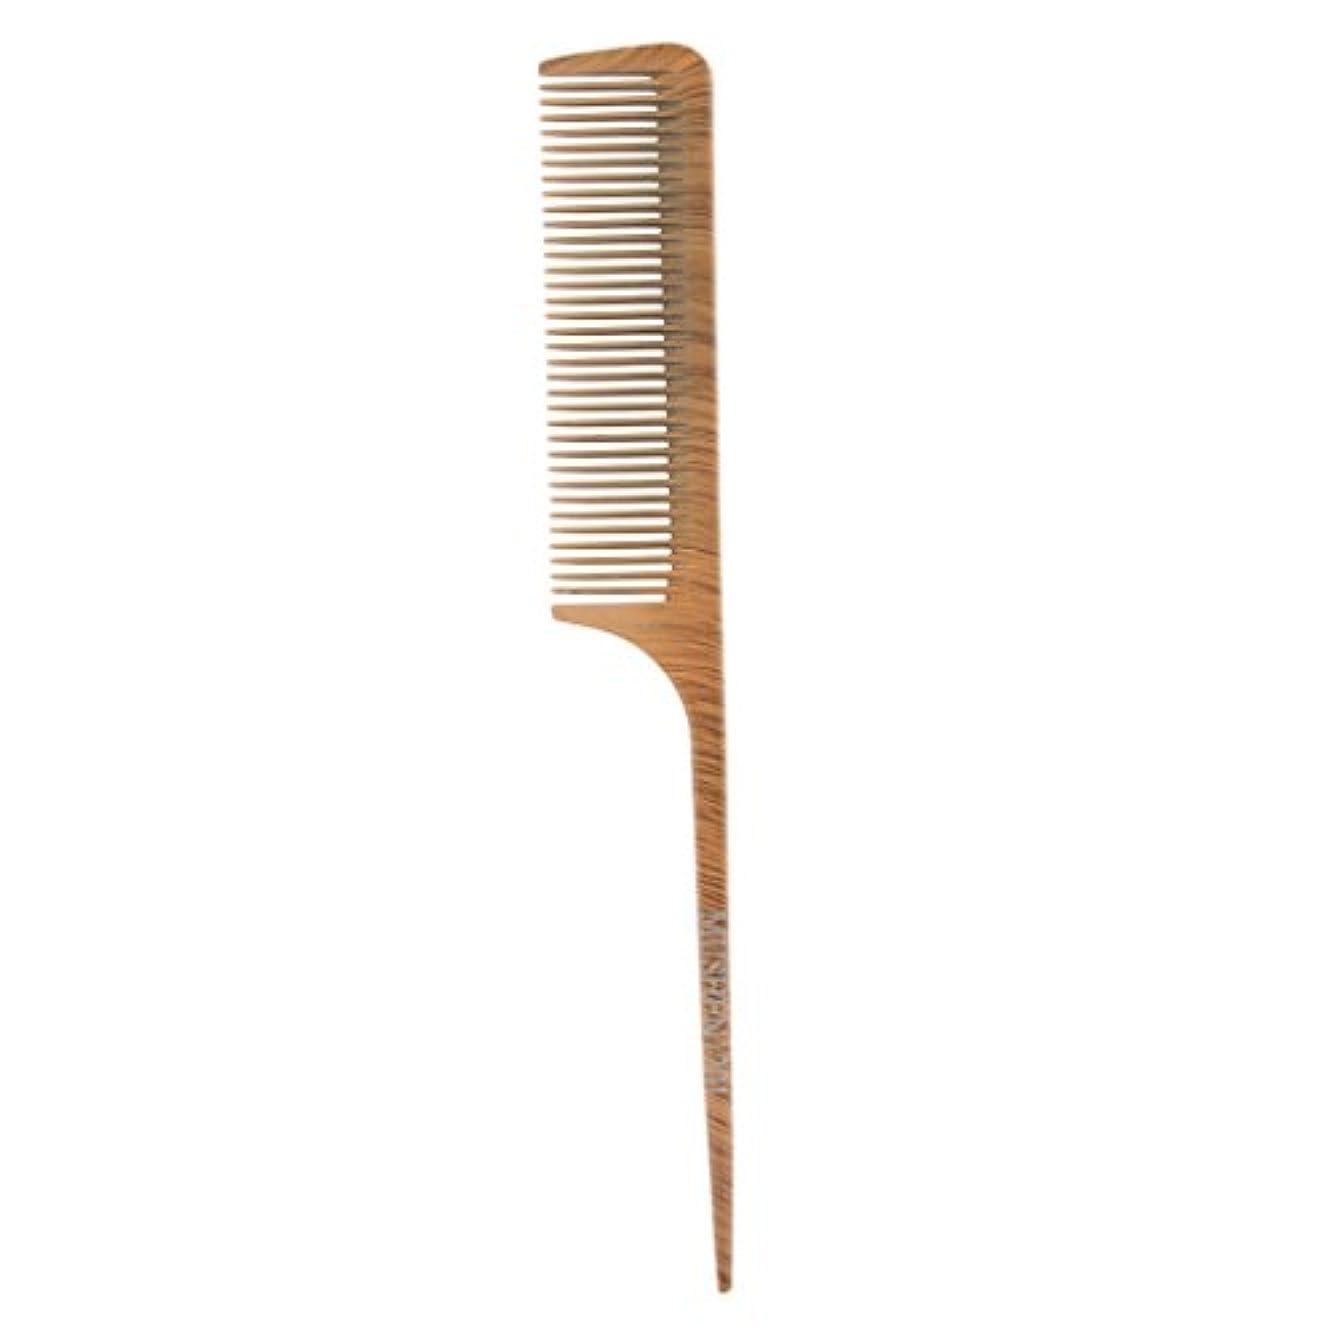 そうでなければスマッシュタバコKesoto ヘアコーム ヘアブラシ ヘアカットコーム ウッド 帯電防止 サロン 理髪師 ヘアケア 4タイプ選べる - 1201